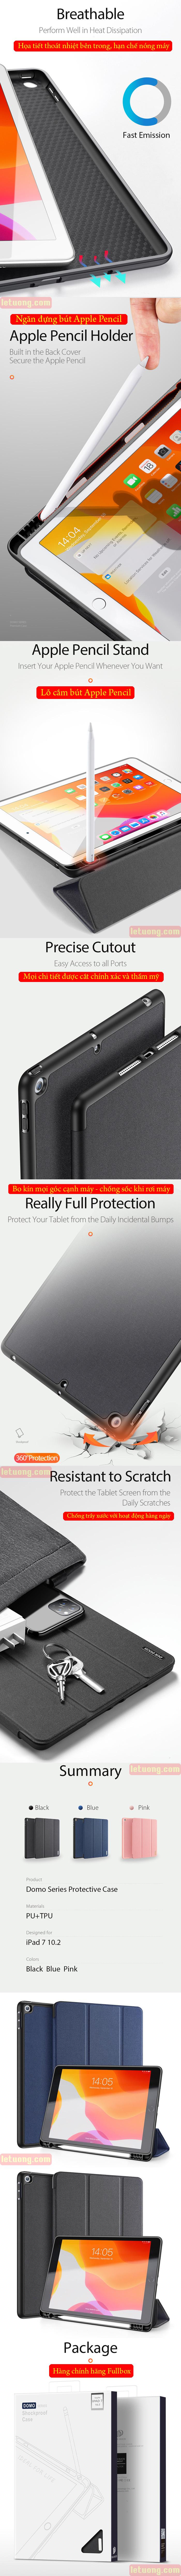 Bao da iPad 10.2 inch 2019 Ducc Ducis Domo Tiện Lợi - Chống Sốc 6